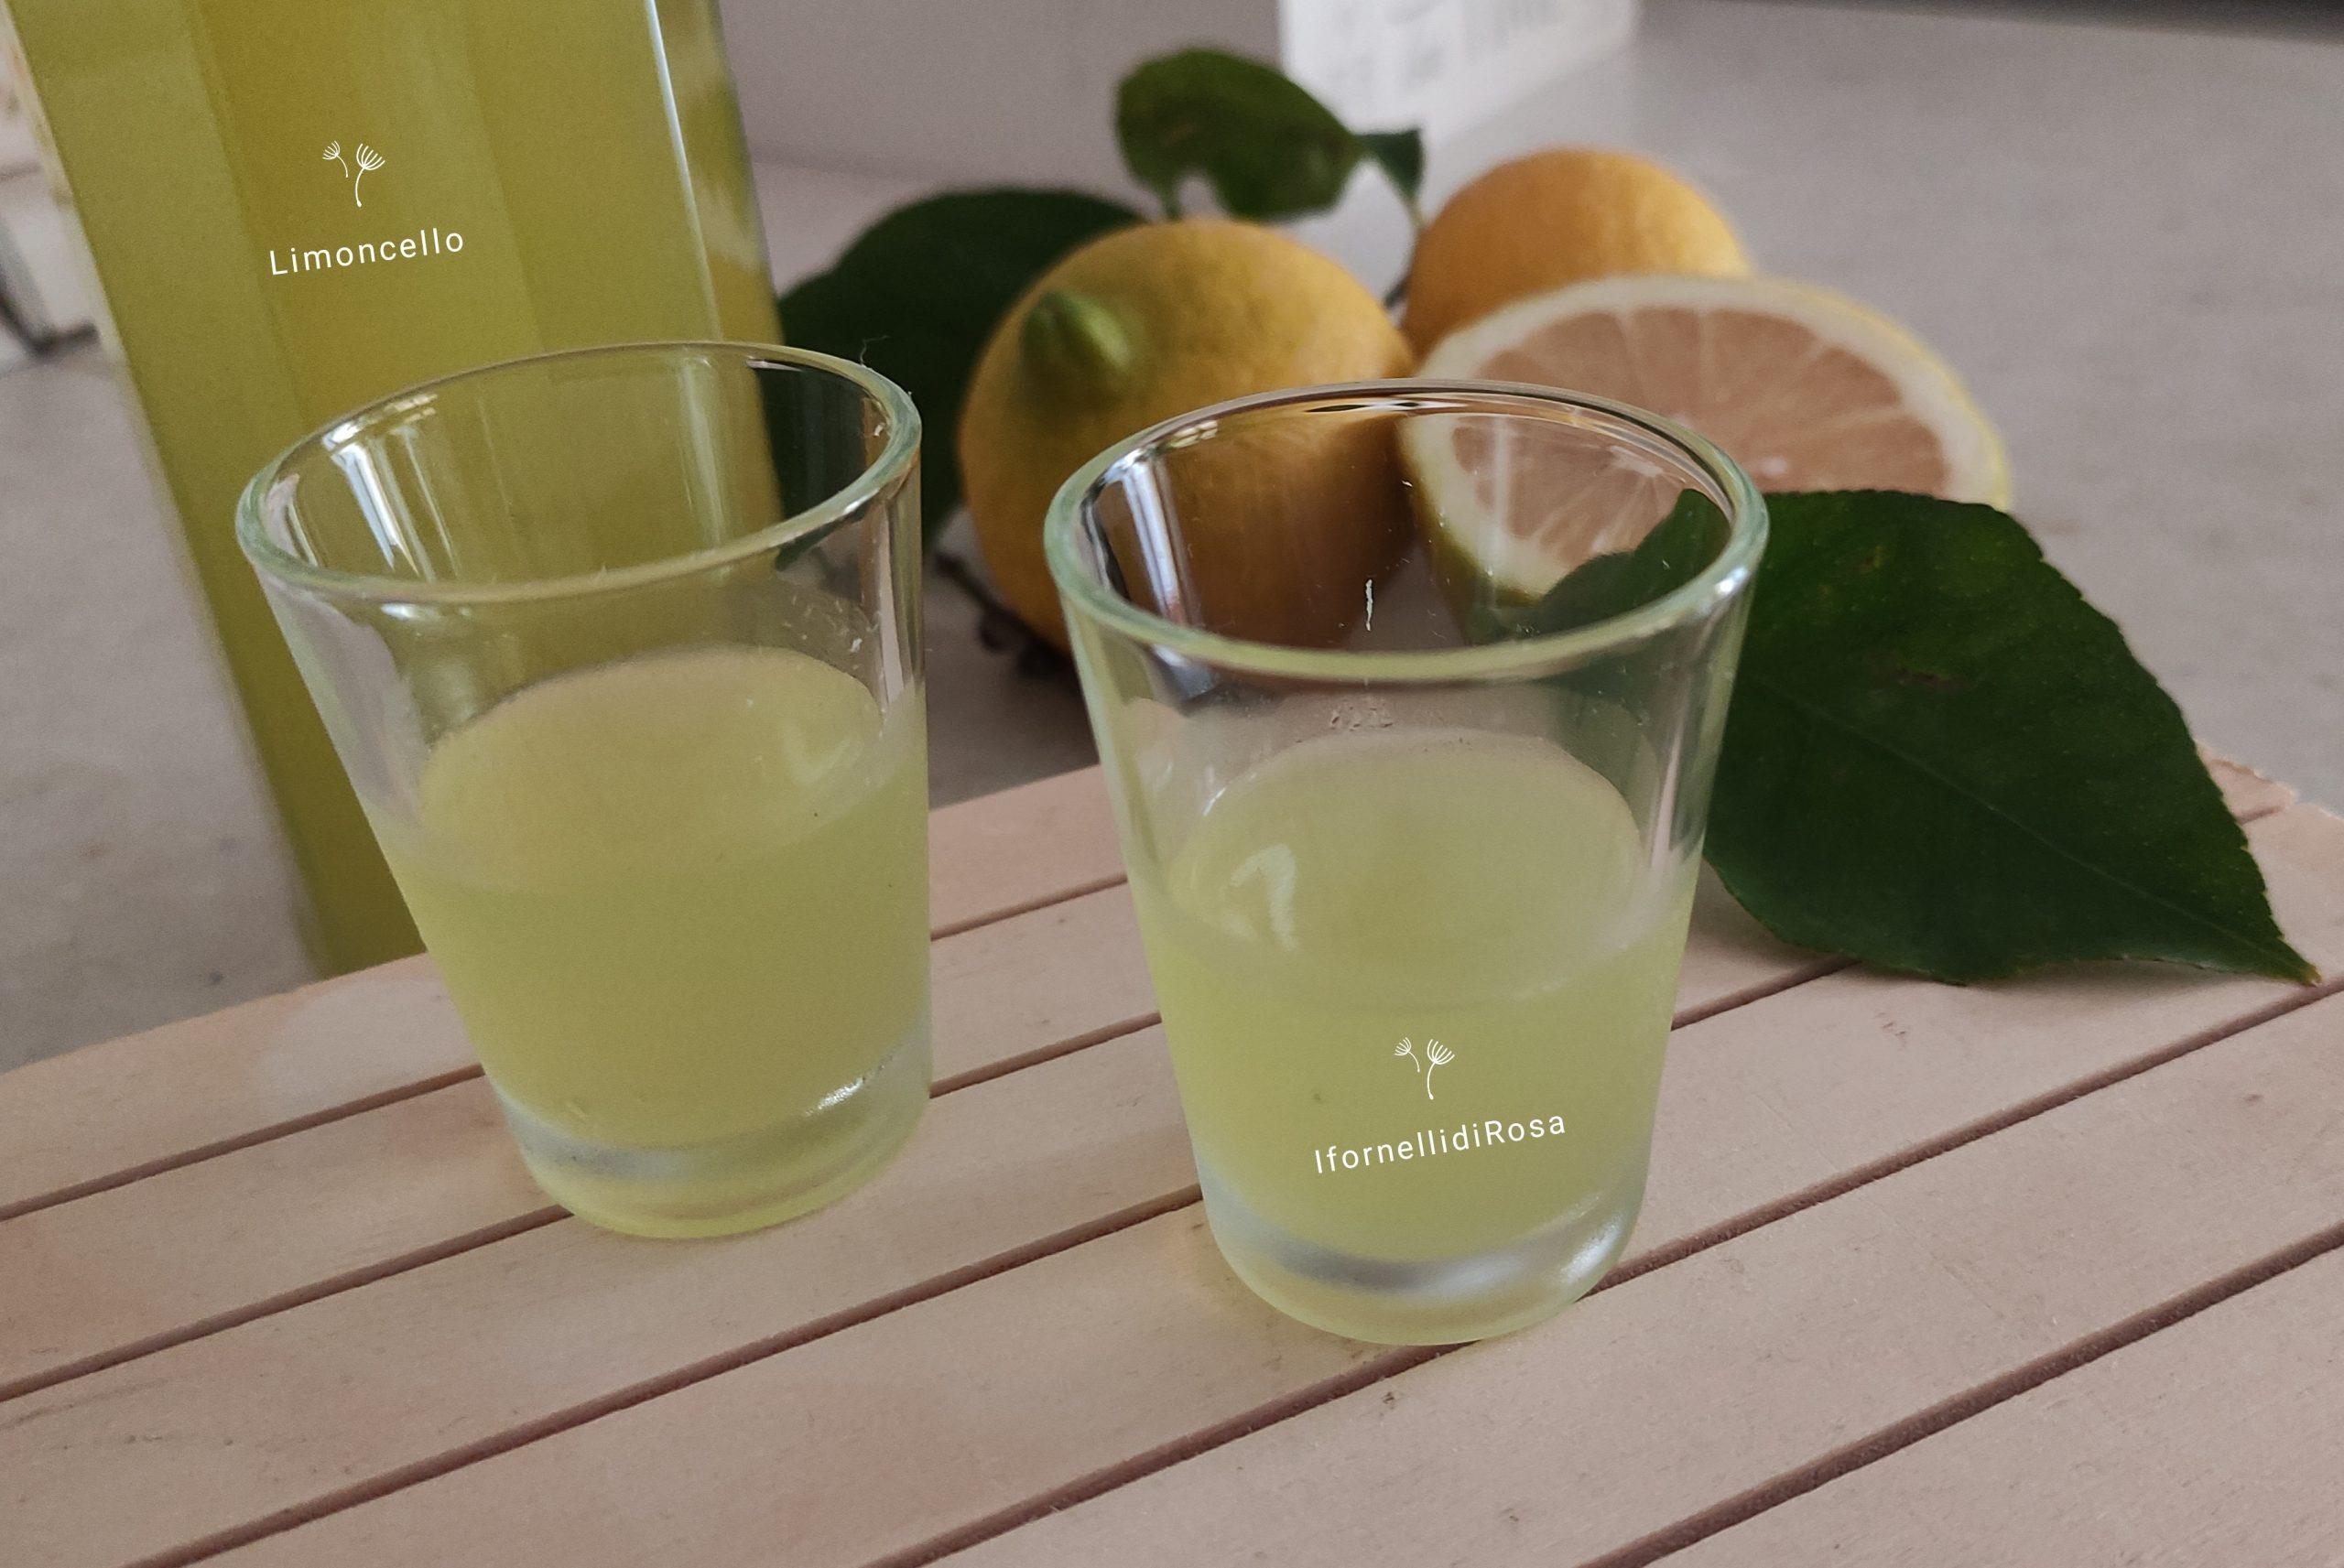 Liquore al limoncello fatto in casa in 4 giorni